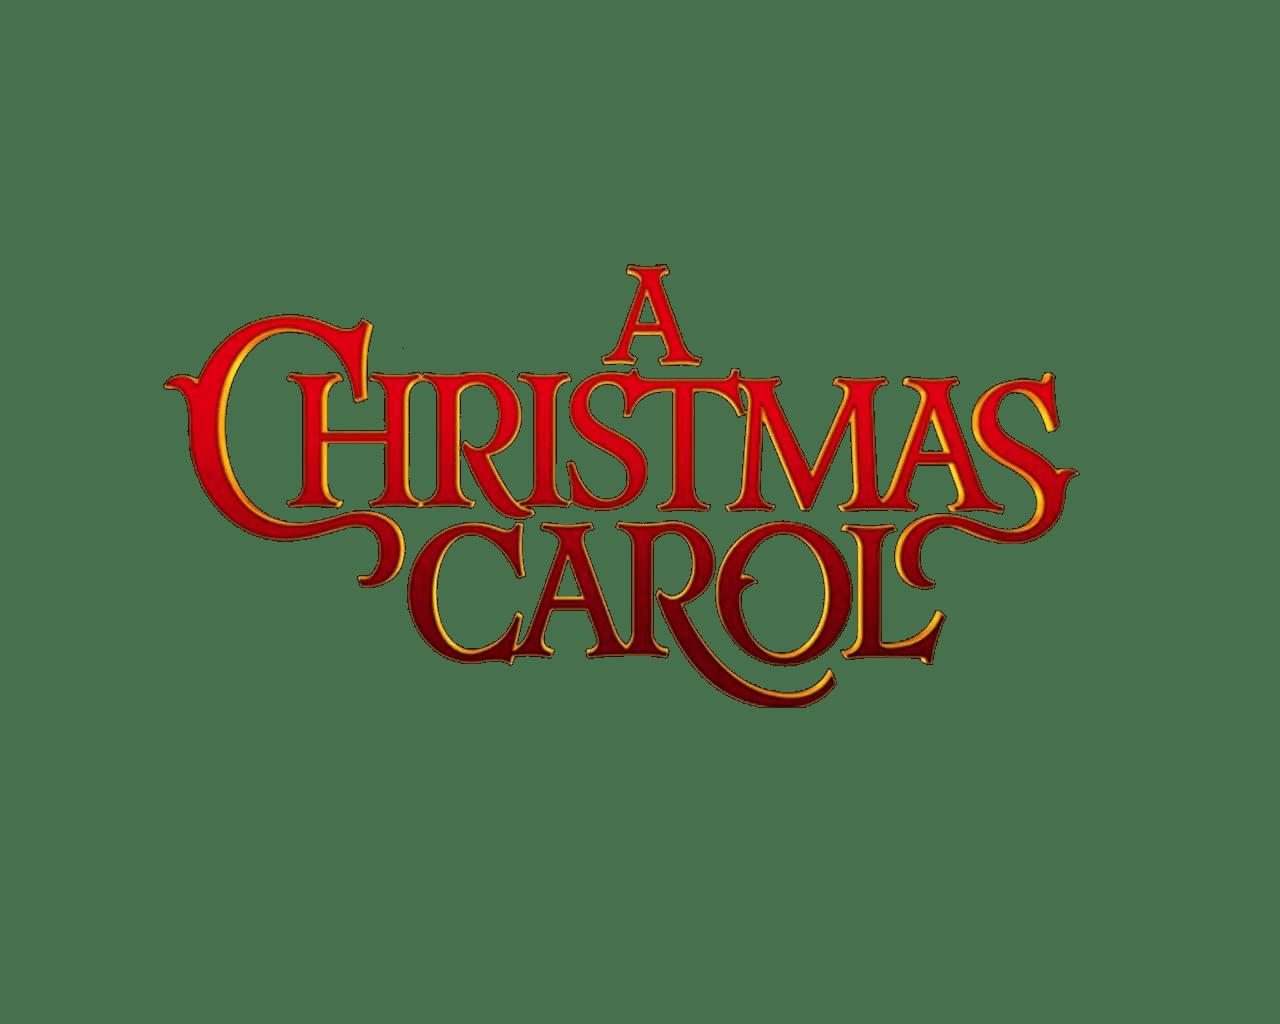 A christmas carol clipart image transparent stock Christmas Carol Logo transparent PNG - StickPNG image transparent stock